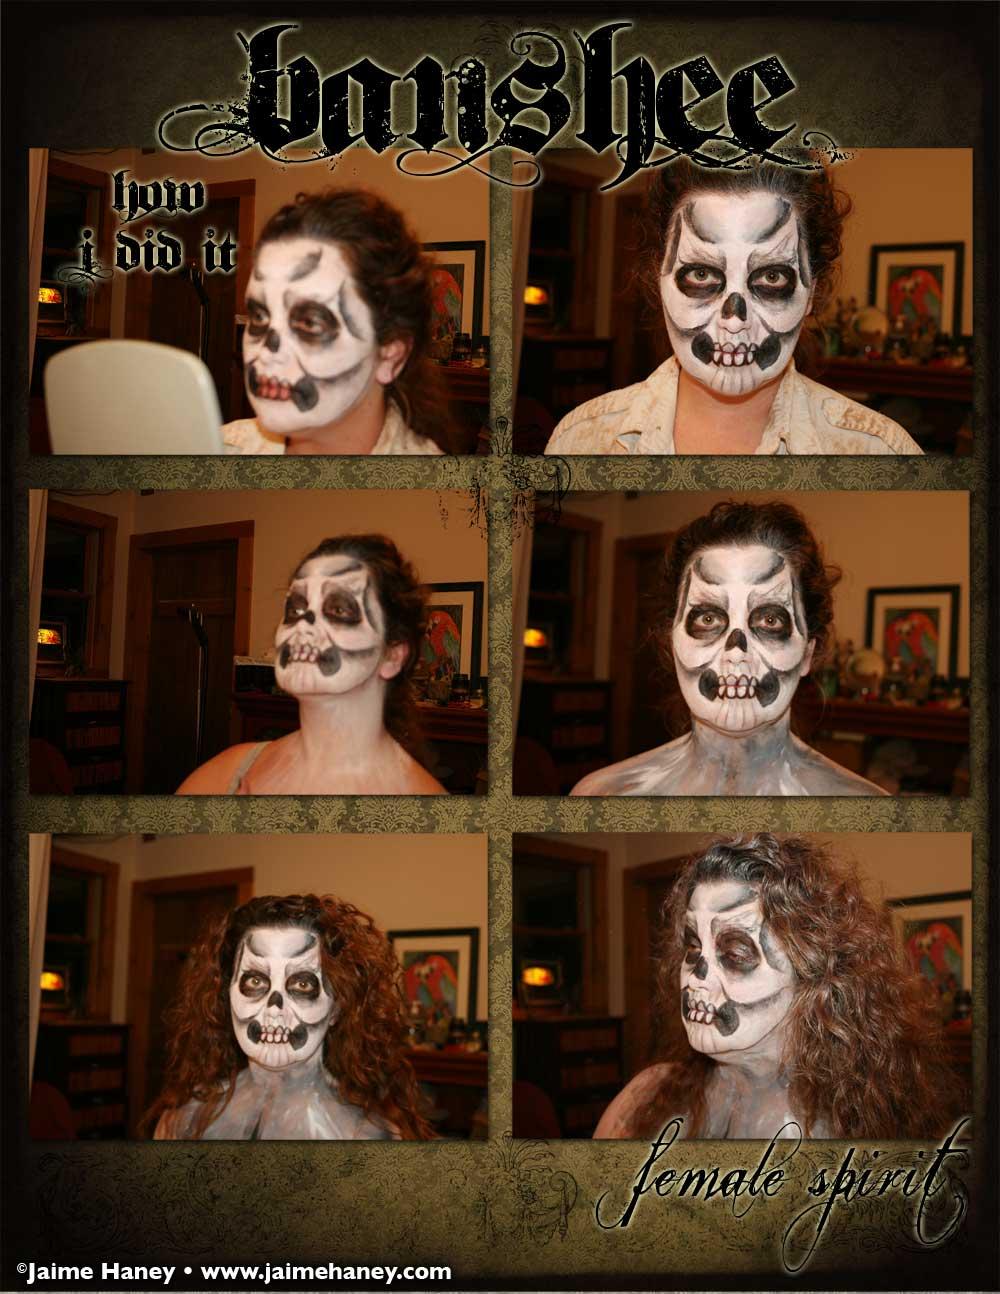 Banshee female spirit makeup tutorial part 2